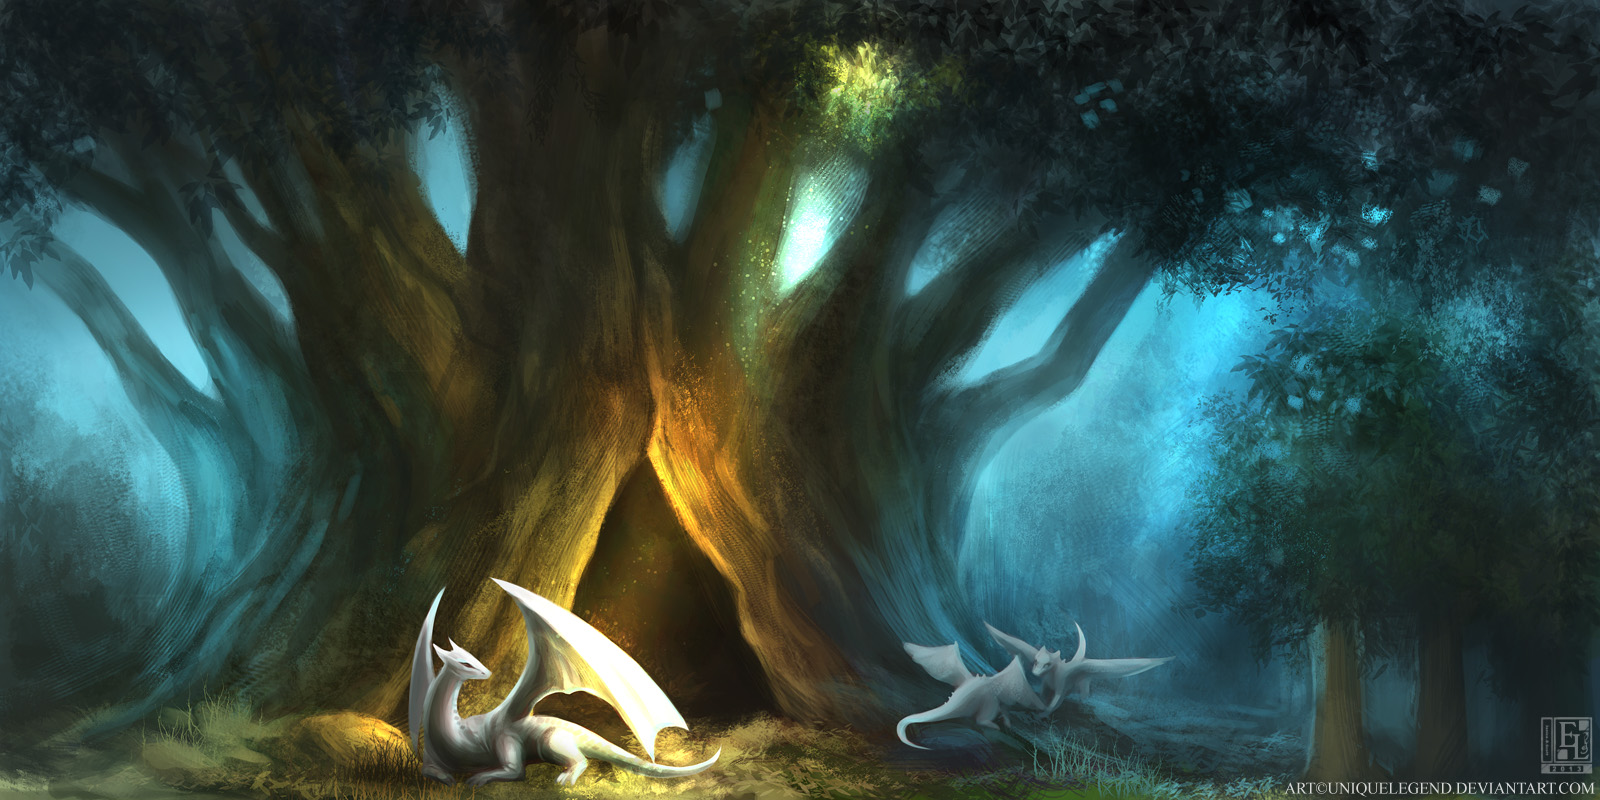 Dragon's Den by EternaLegend